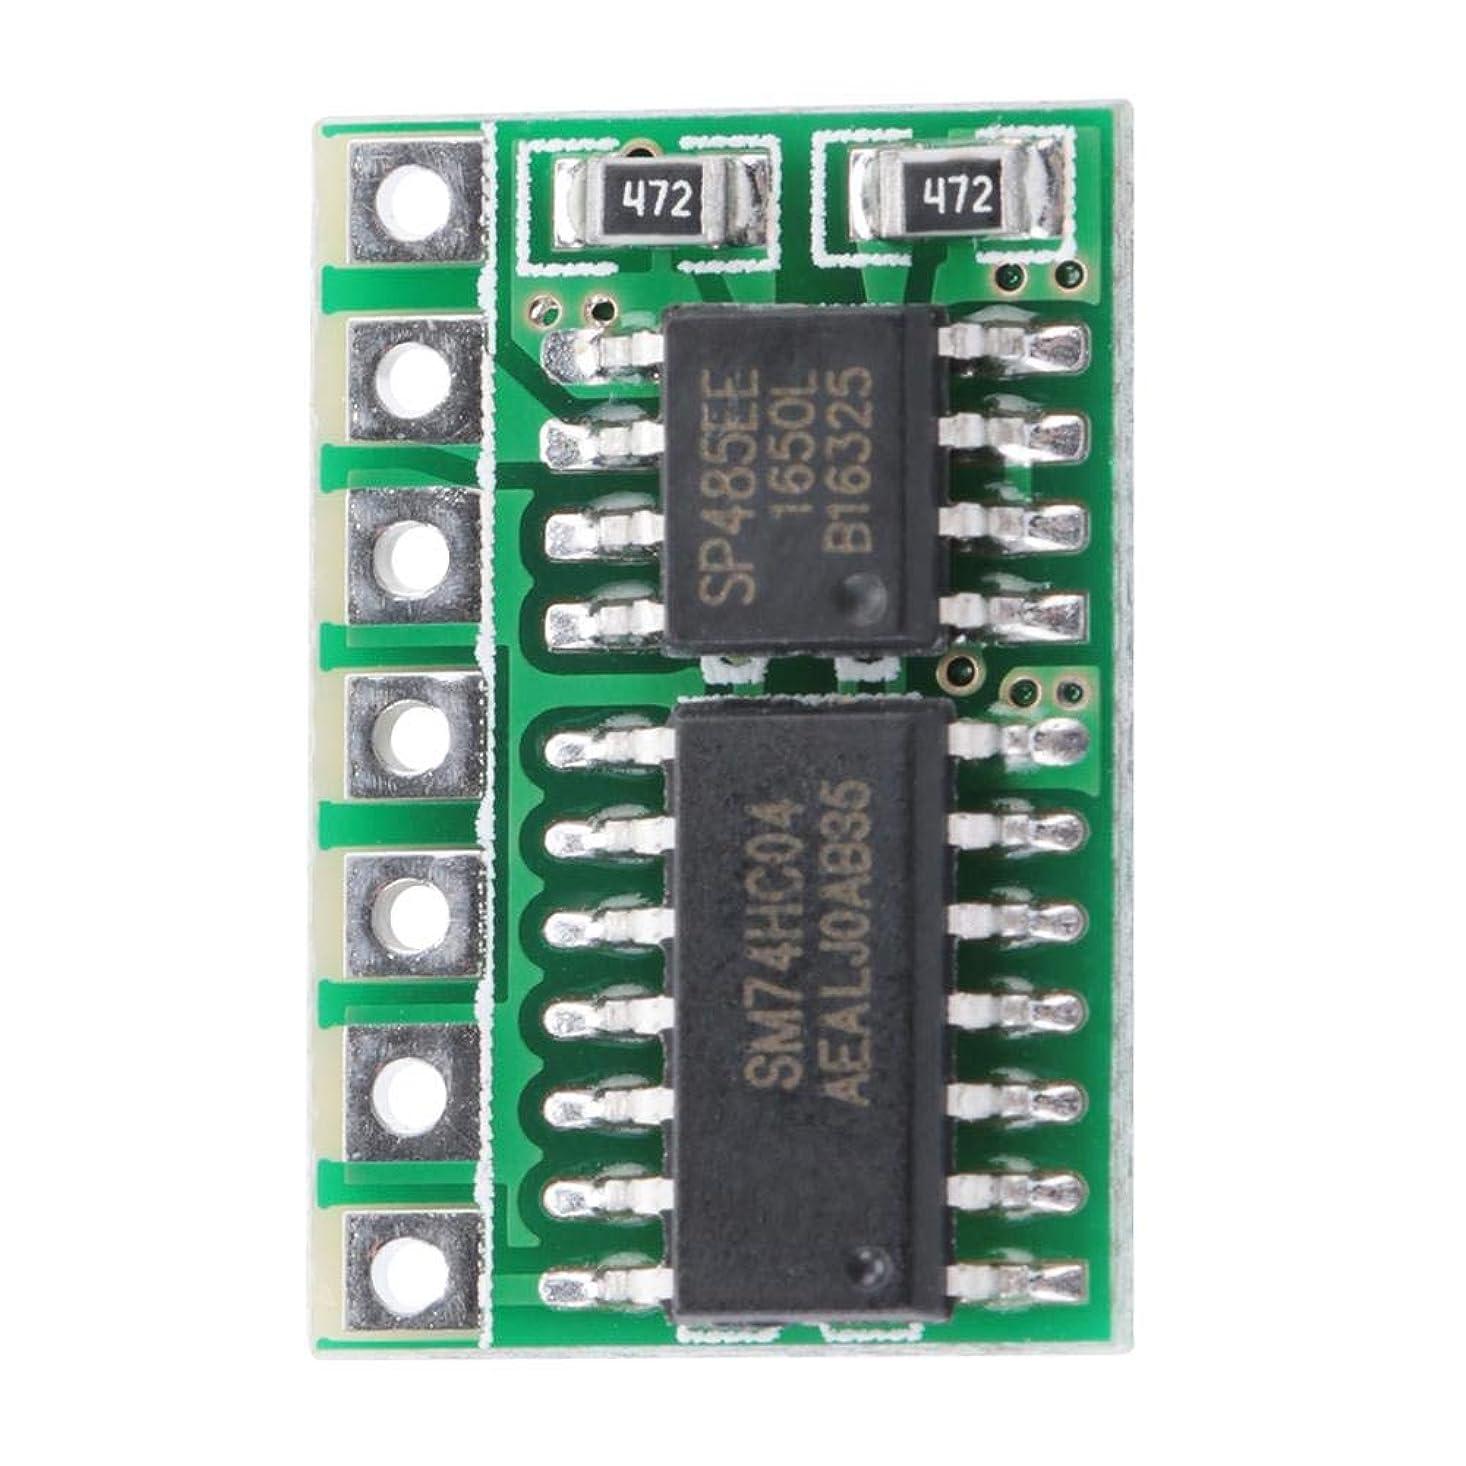 浪費ほこり内側3.3V LvTTLロジックレベルR411B01 5V UARTシリアルRS485からSP3485へのトランシーバーコンバーターモジュール(5V)